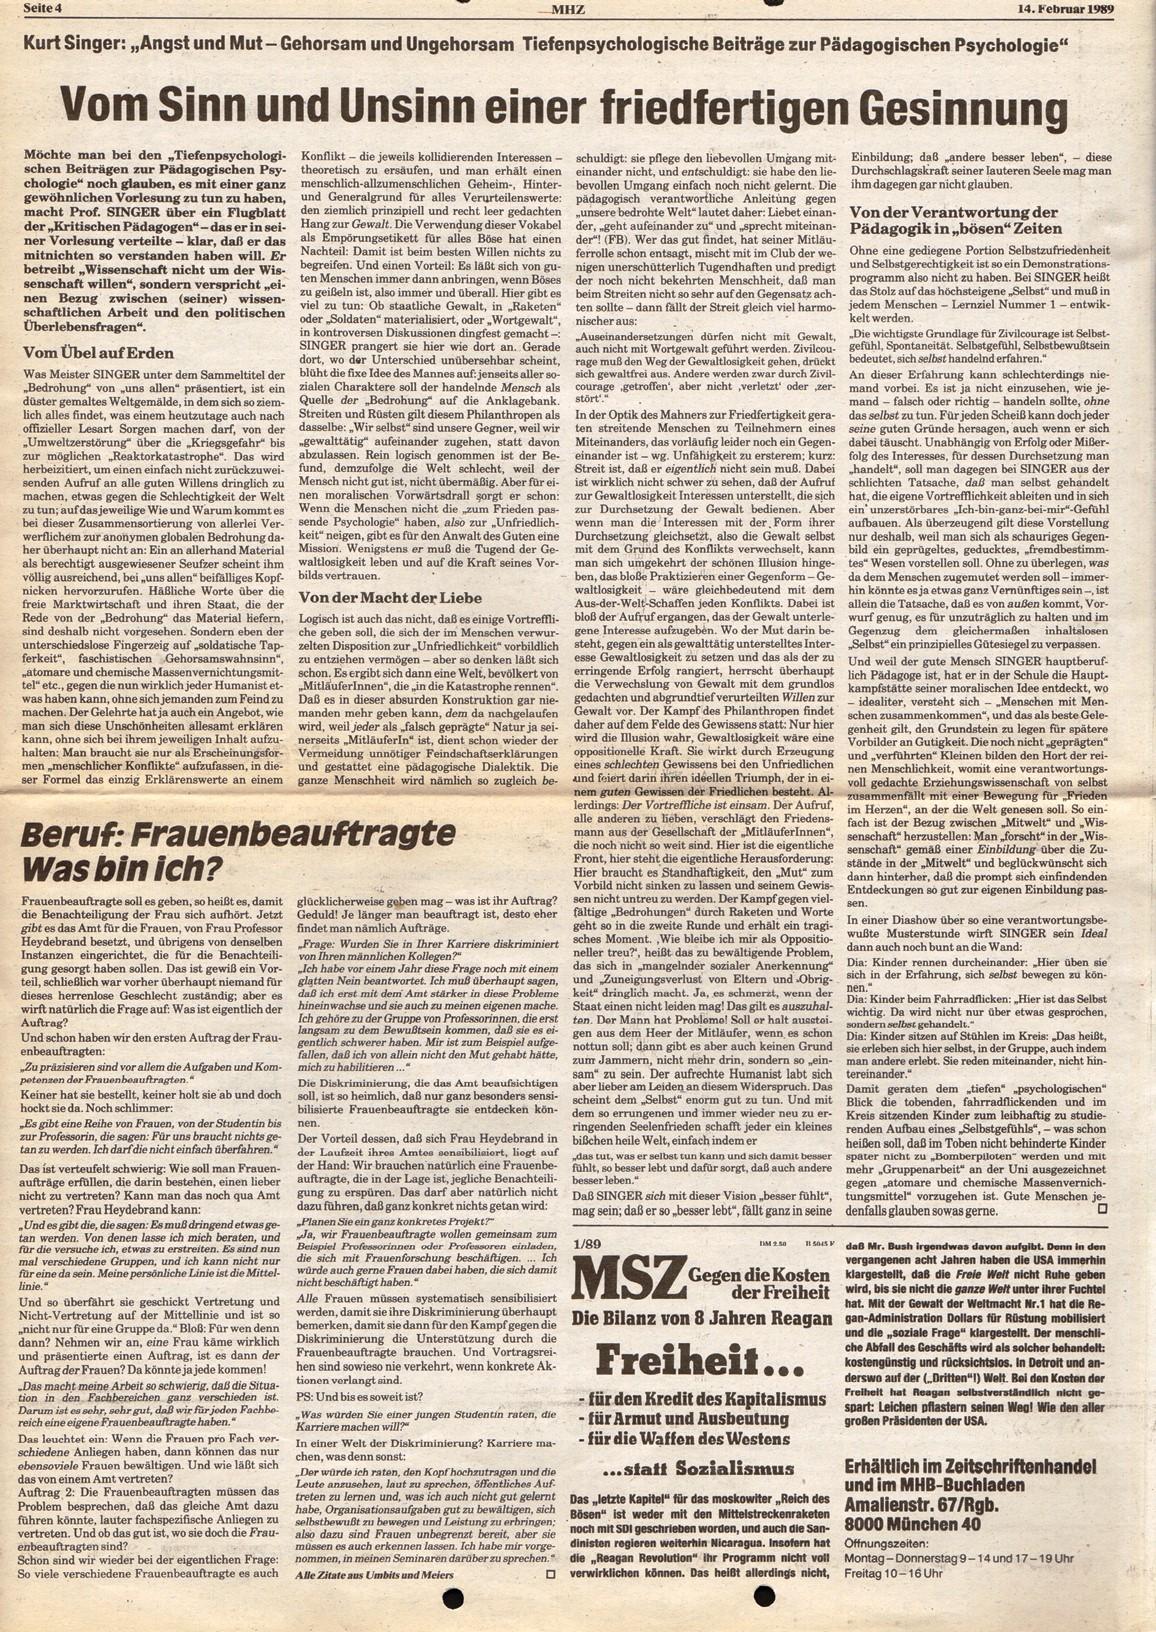 Muenchen_MG_Hochschulzeitung_19890214_04